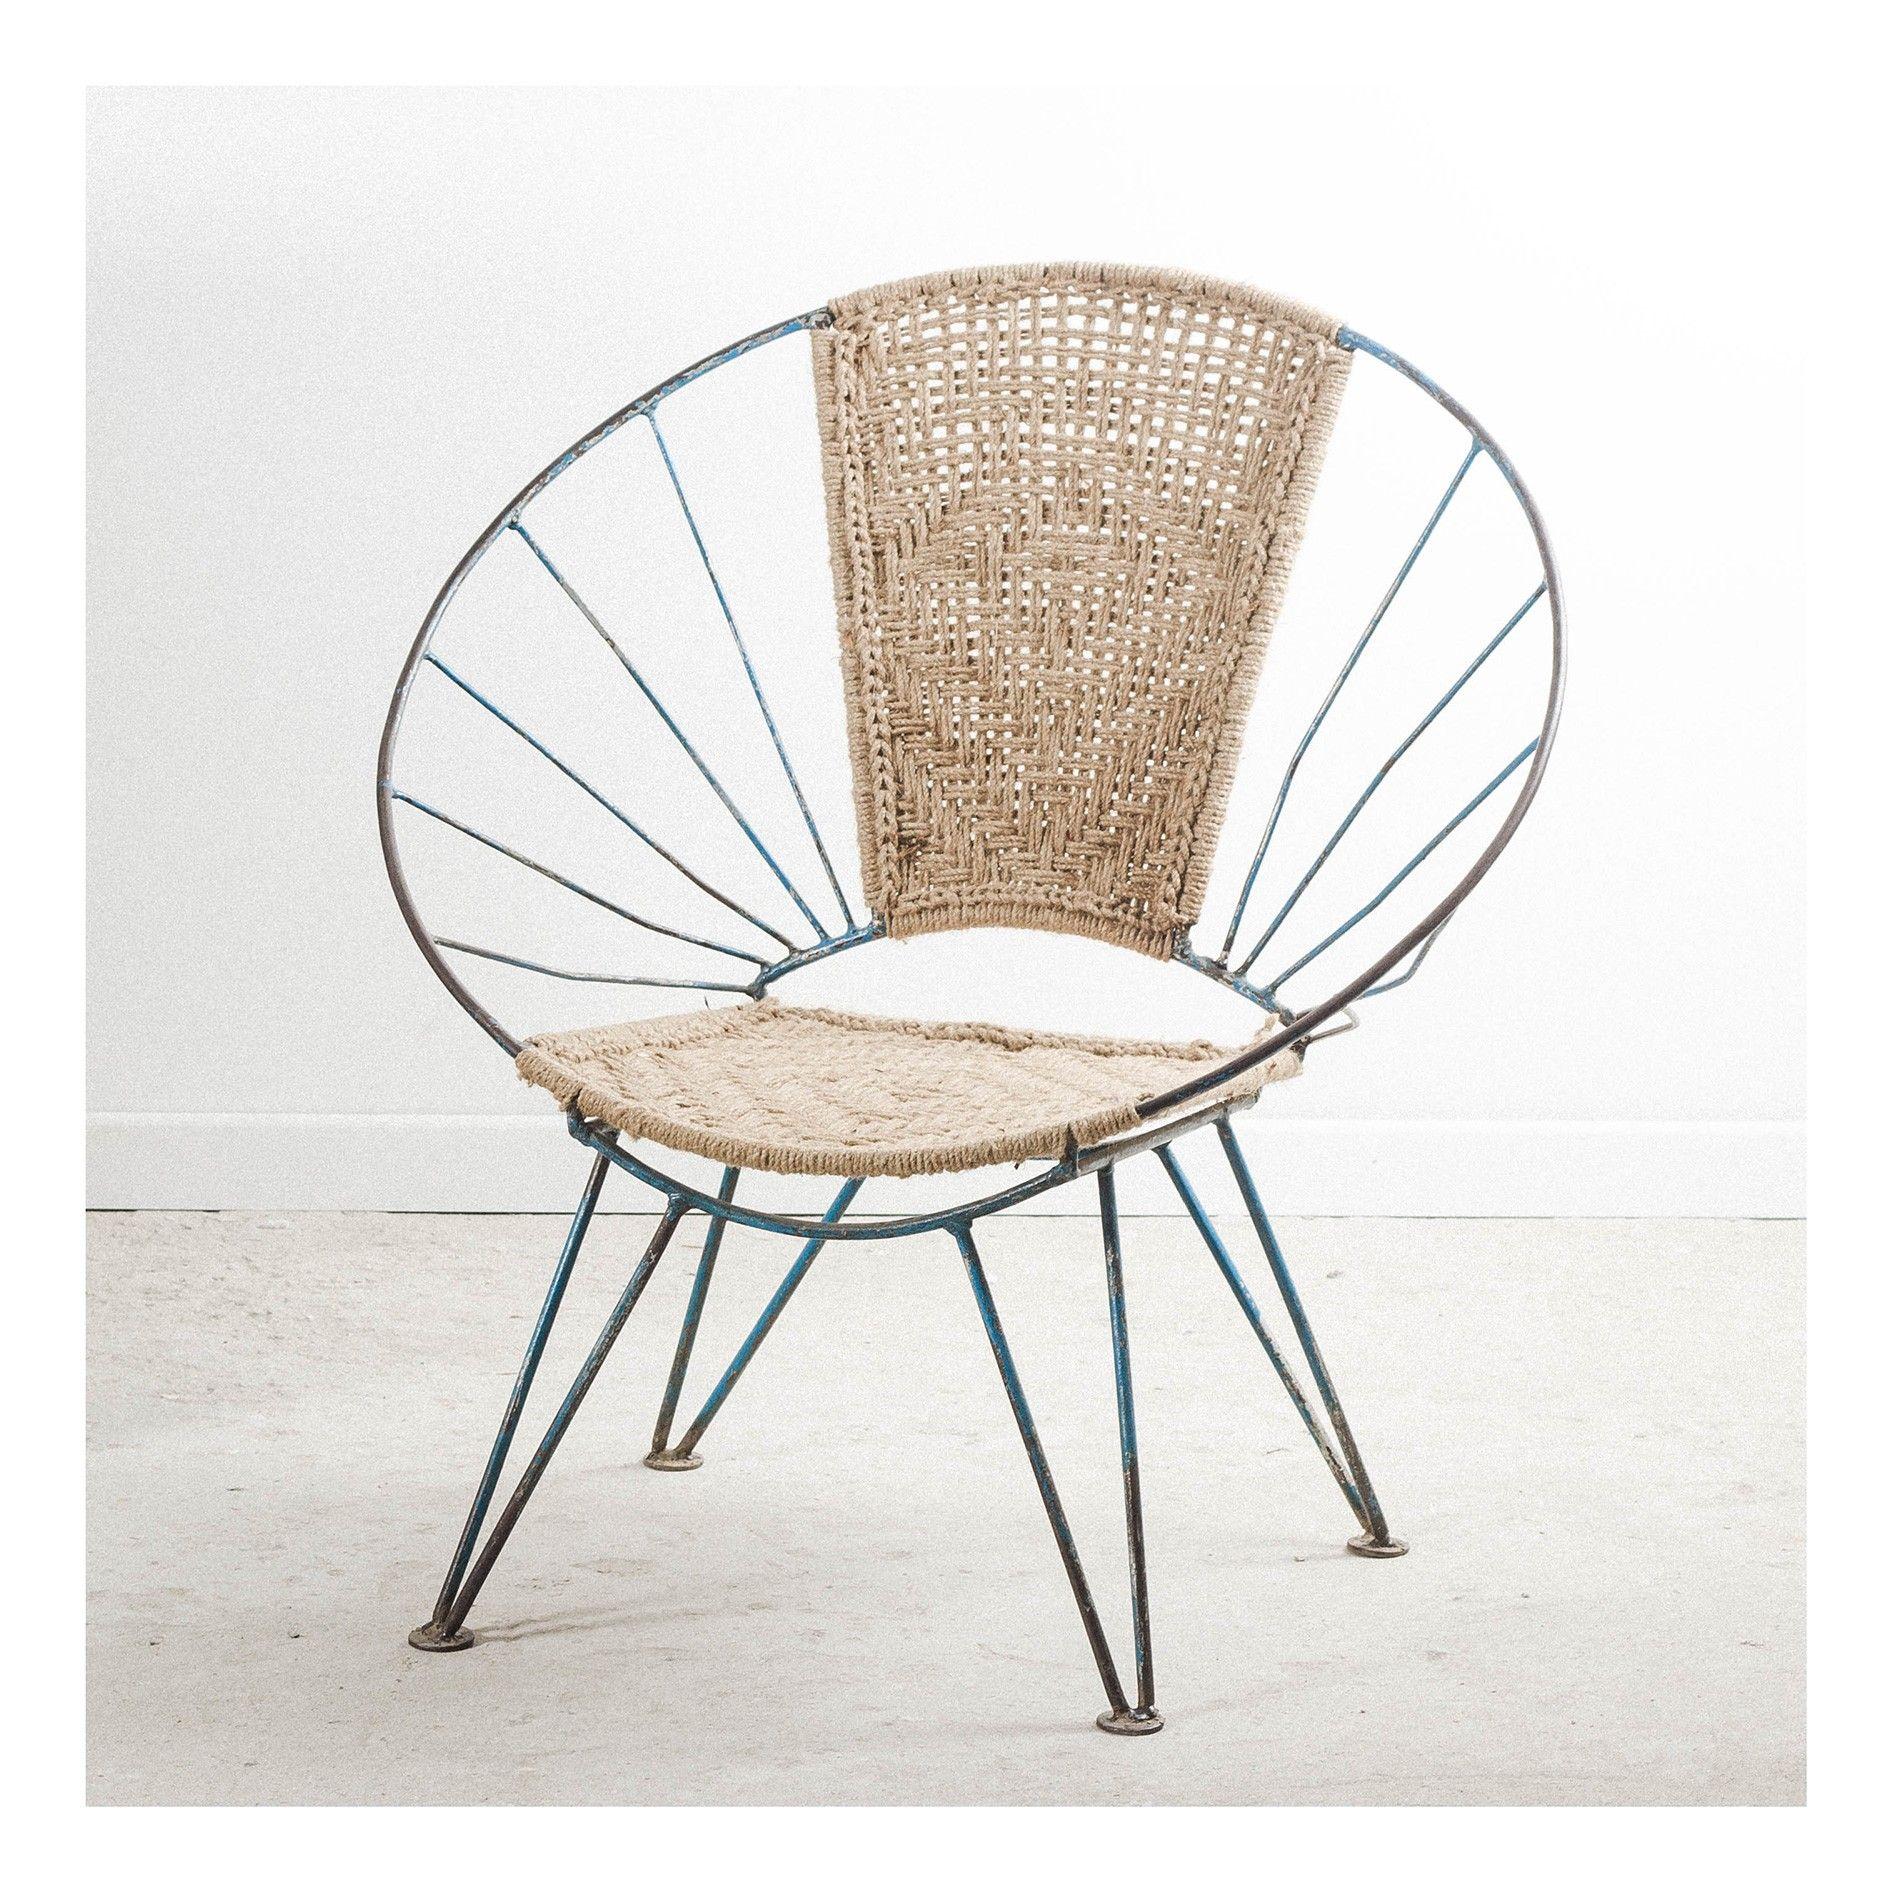 Epingle Par Interieur Creatif Sur Retro Chaise Ronde Fauteuil Osier Fauteuil